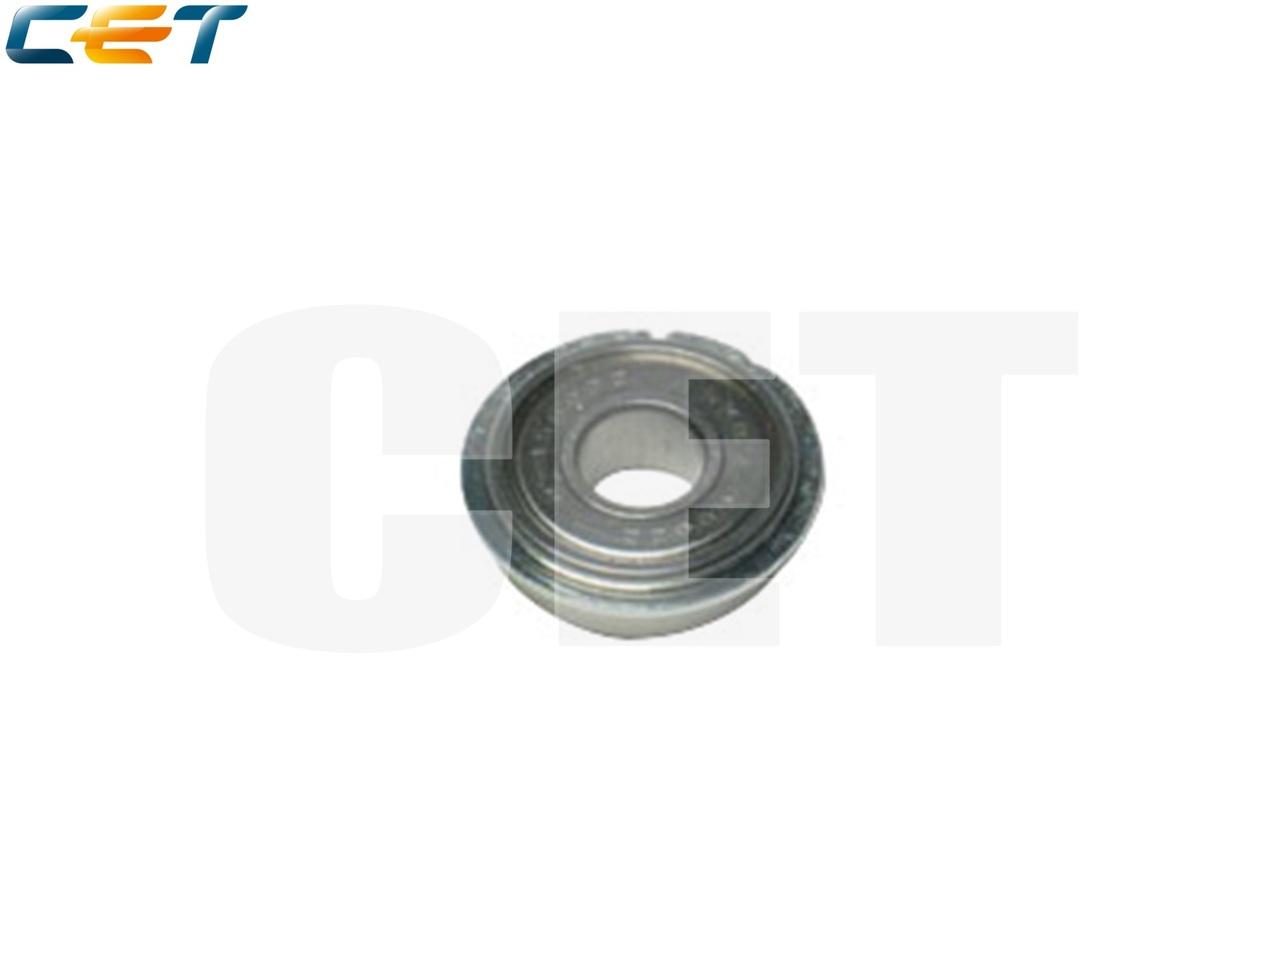 Подшипник резинового вала 4011-5758-02 для KONICAMINOLTA Bizhub 200/250/350 (CET), 2 шт/компл, CET7301